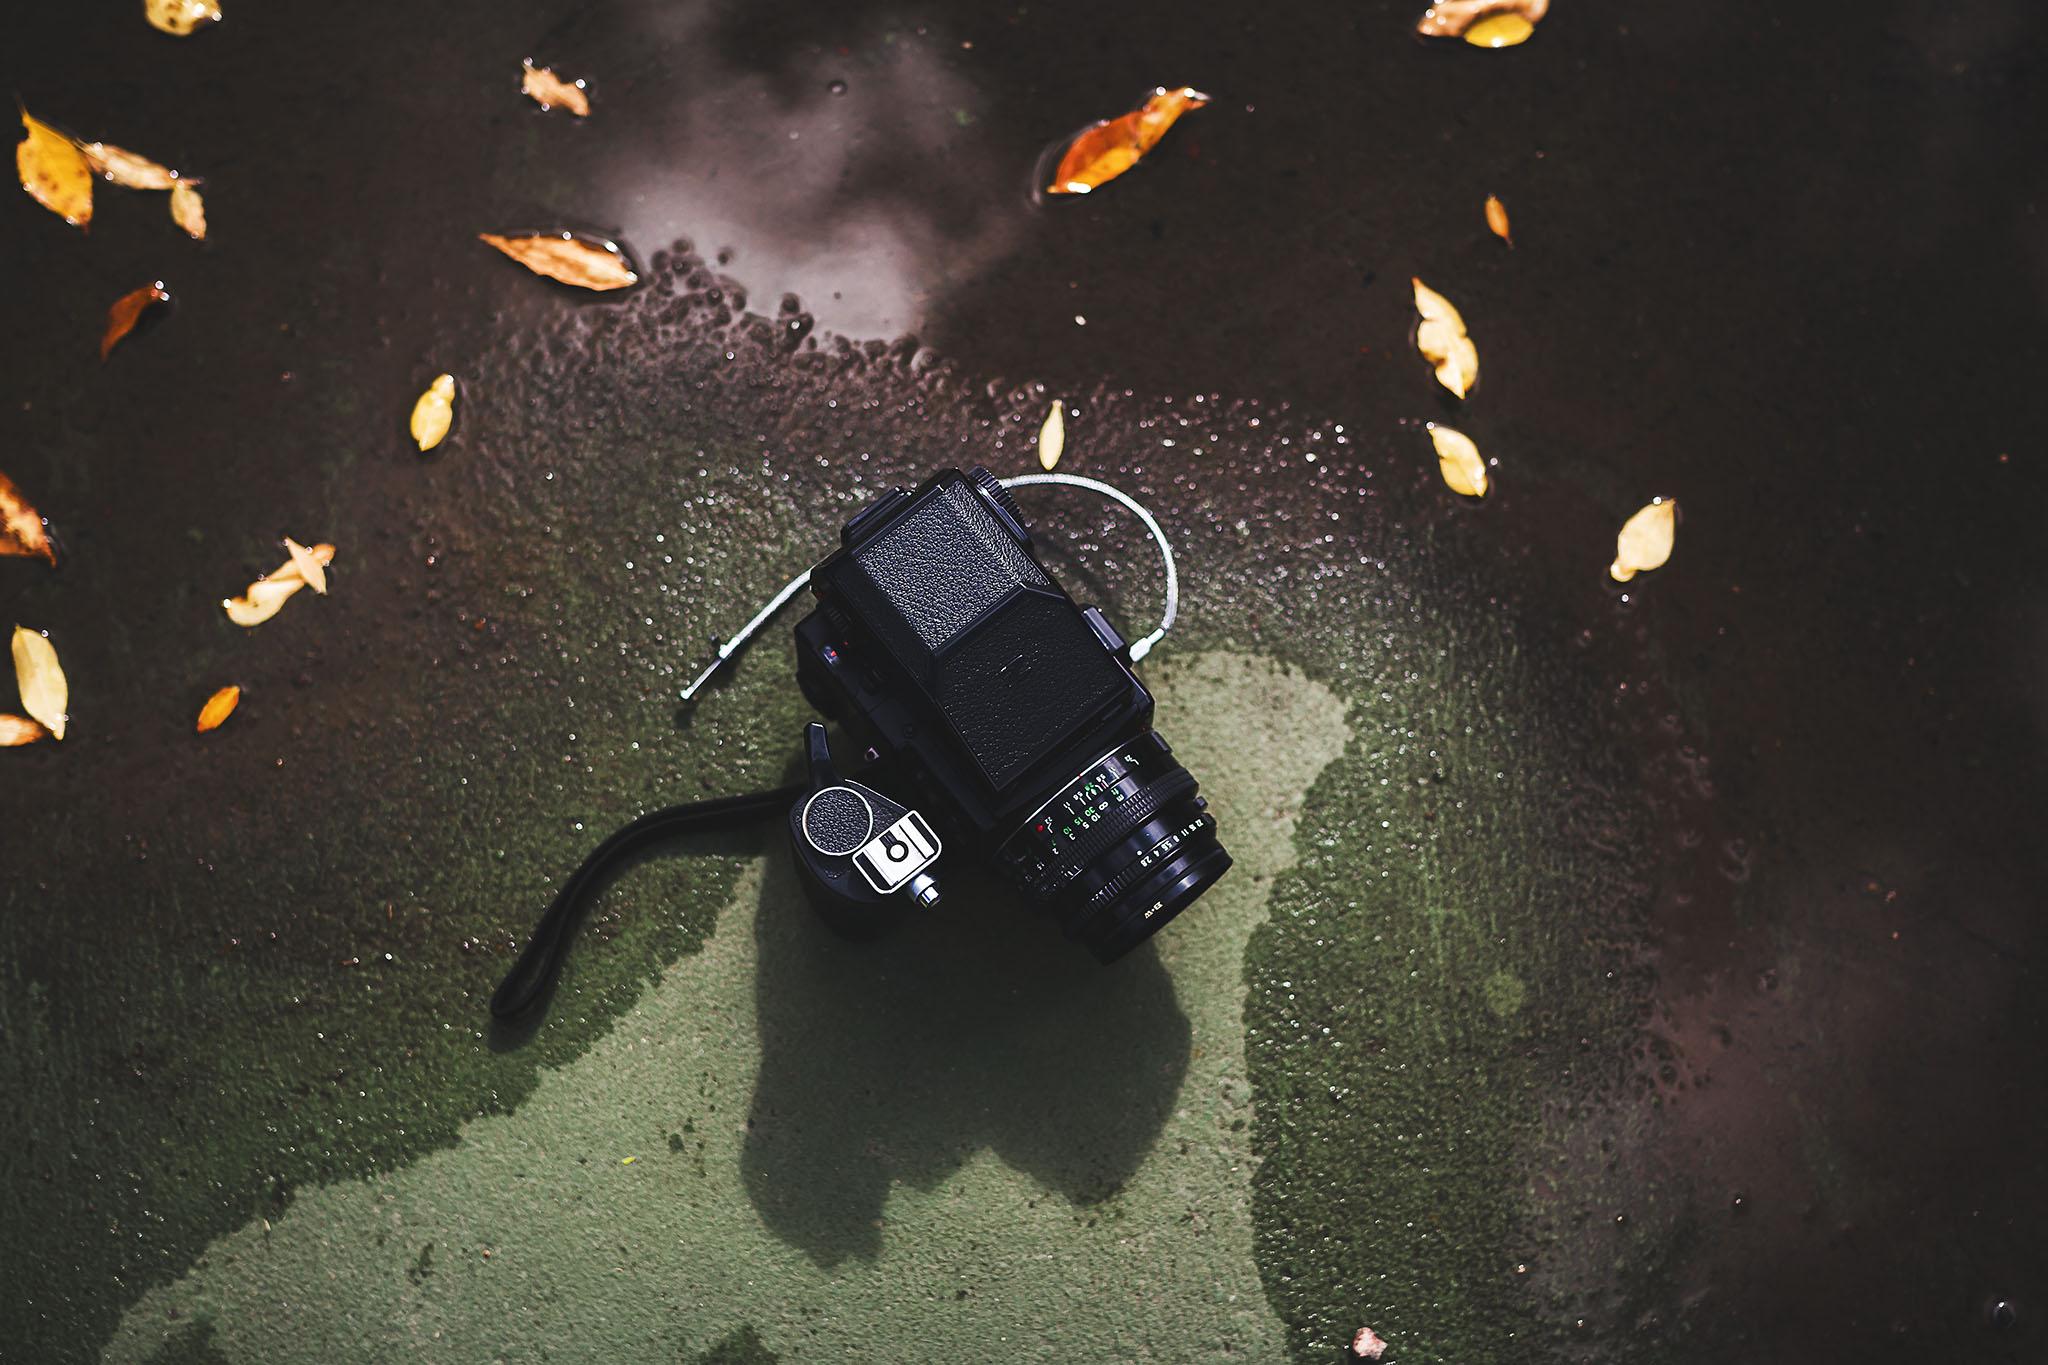 Monica, the Bronica (ETRSi) Kodak Ektar 100